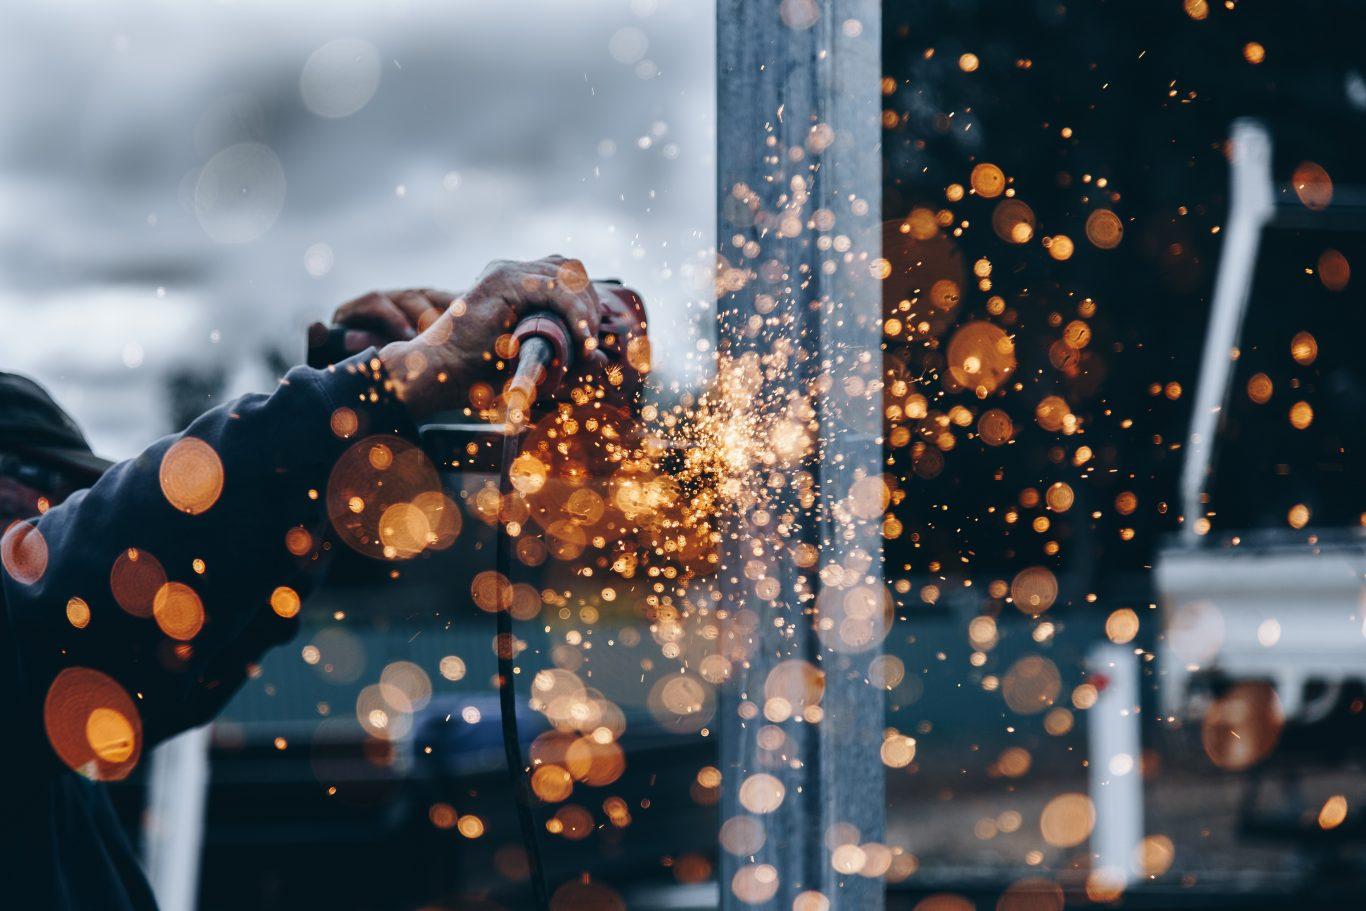 Deloitte: AI won't replace human skill